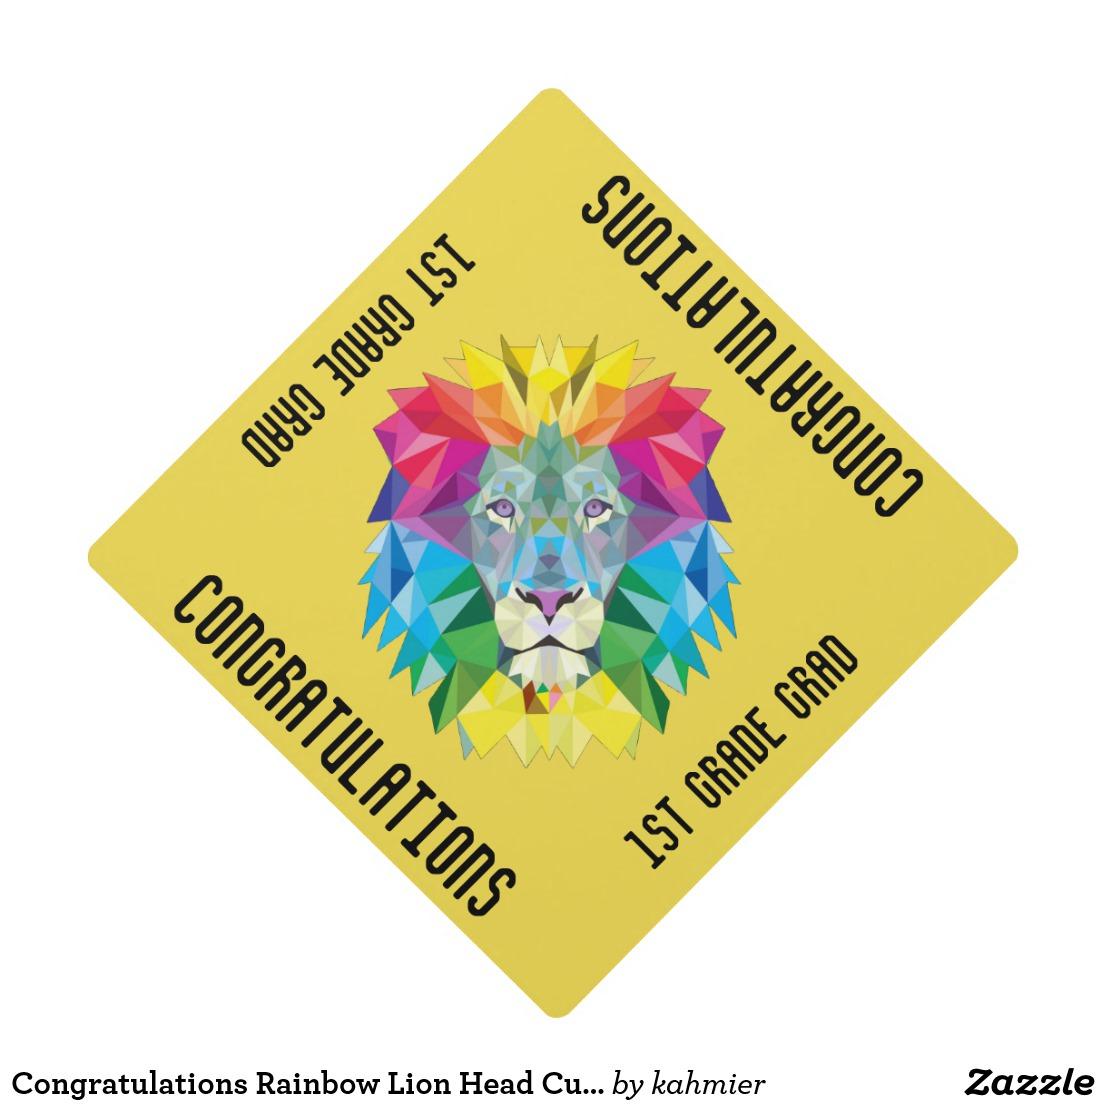 Congratulations Rainbow Lion Head Custom Text Graduation Cap Topper